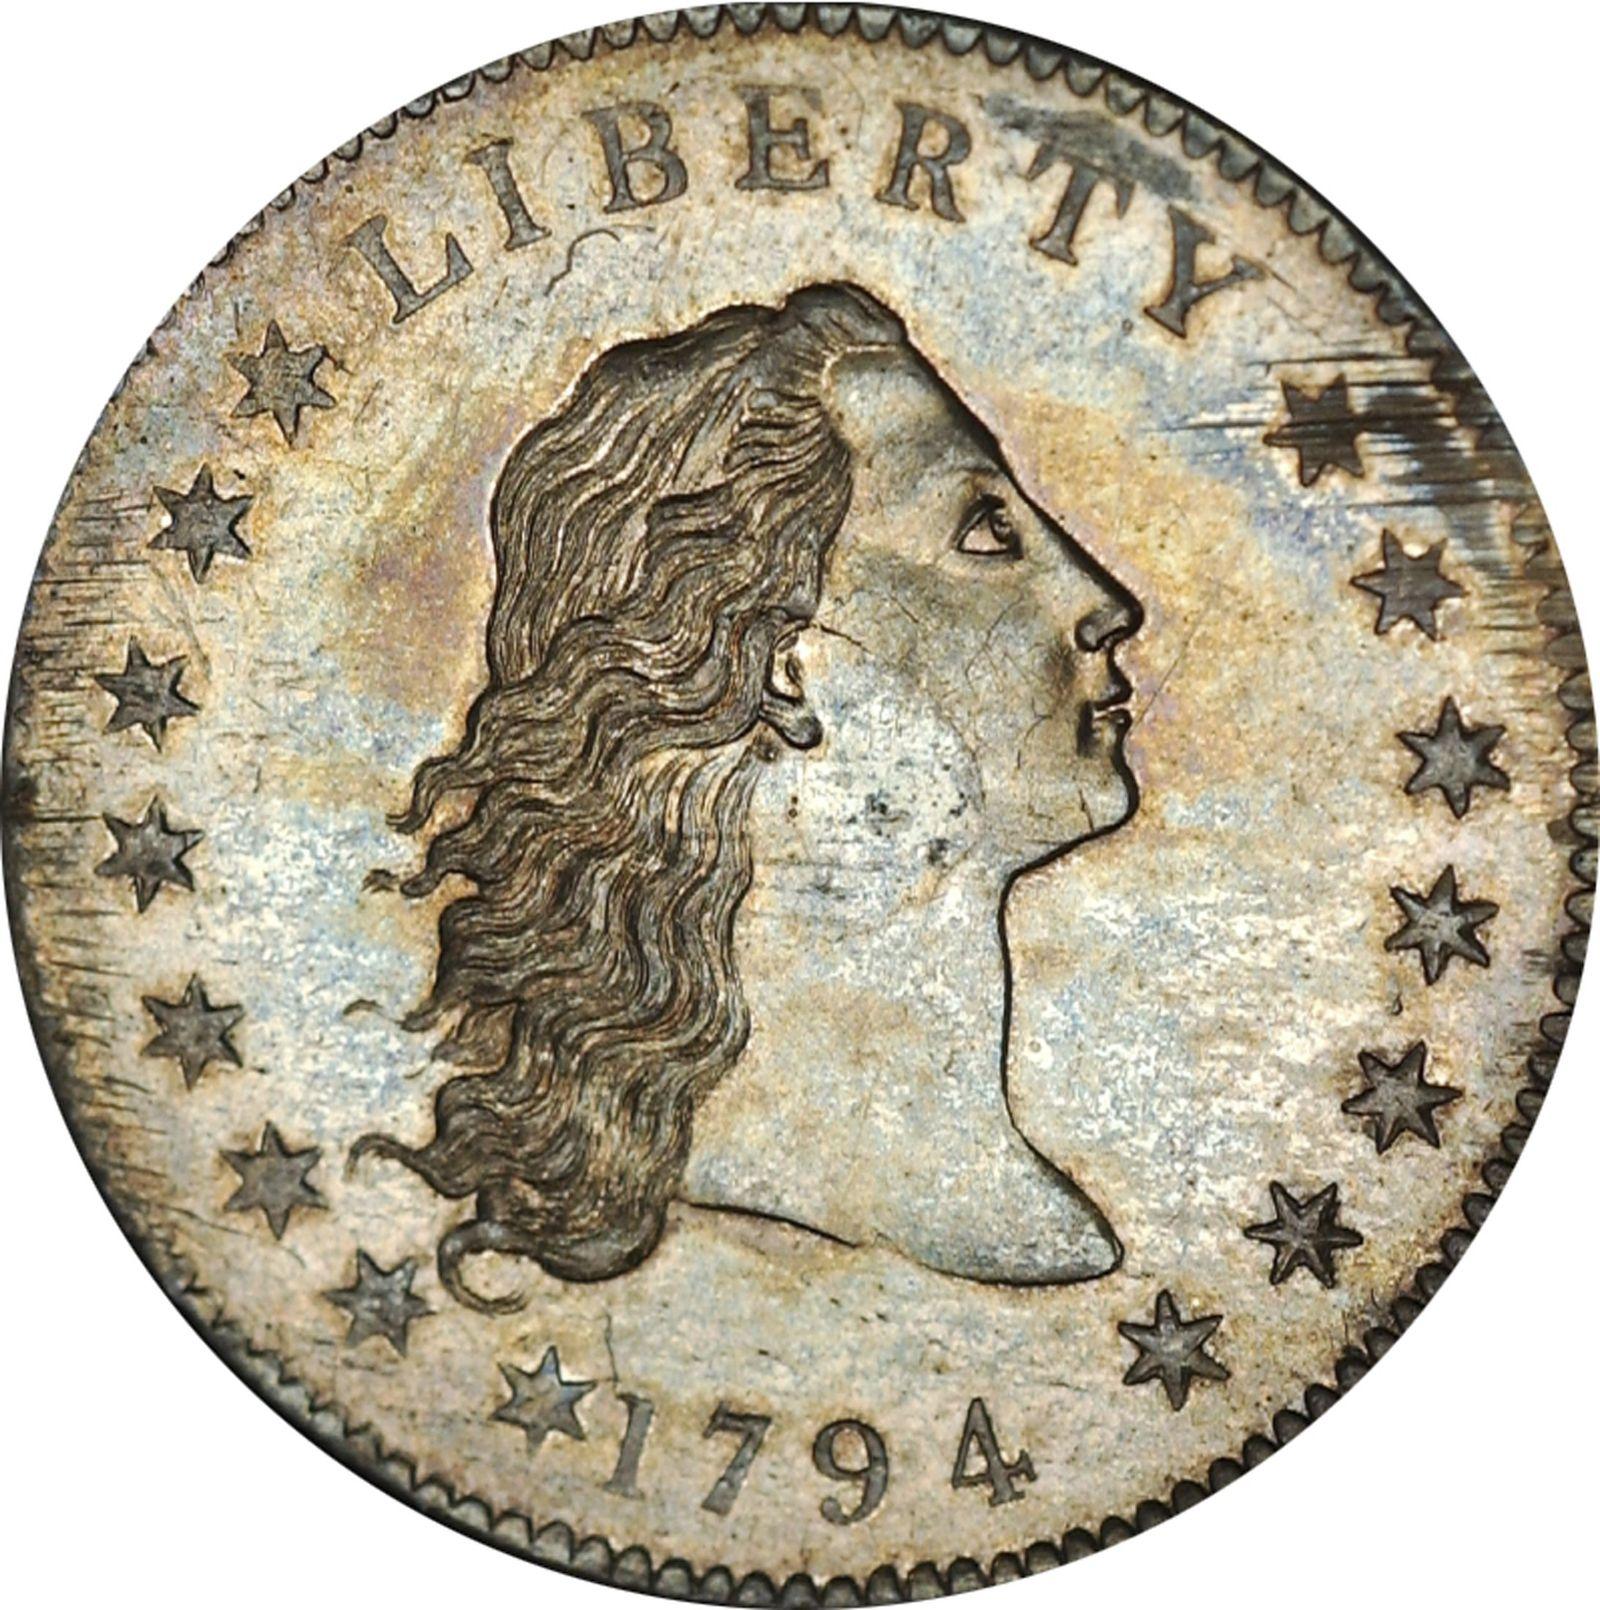 EINMALIGE VERWENDUNG Auktion/ Münze/ Silberdollar